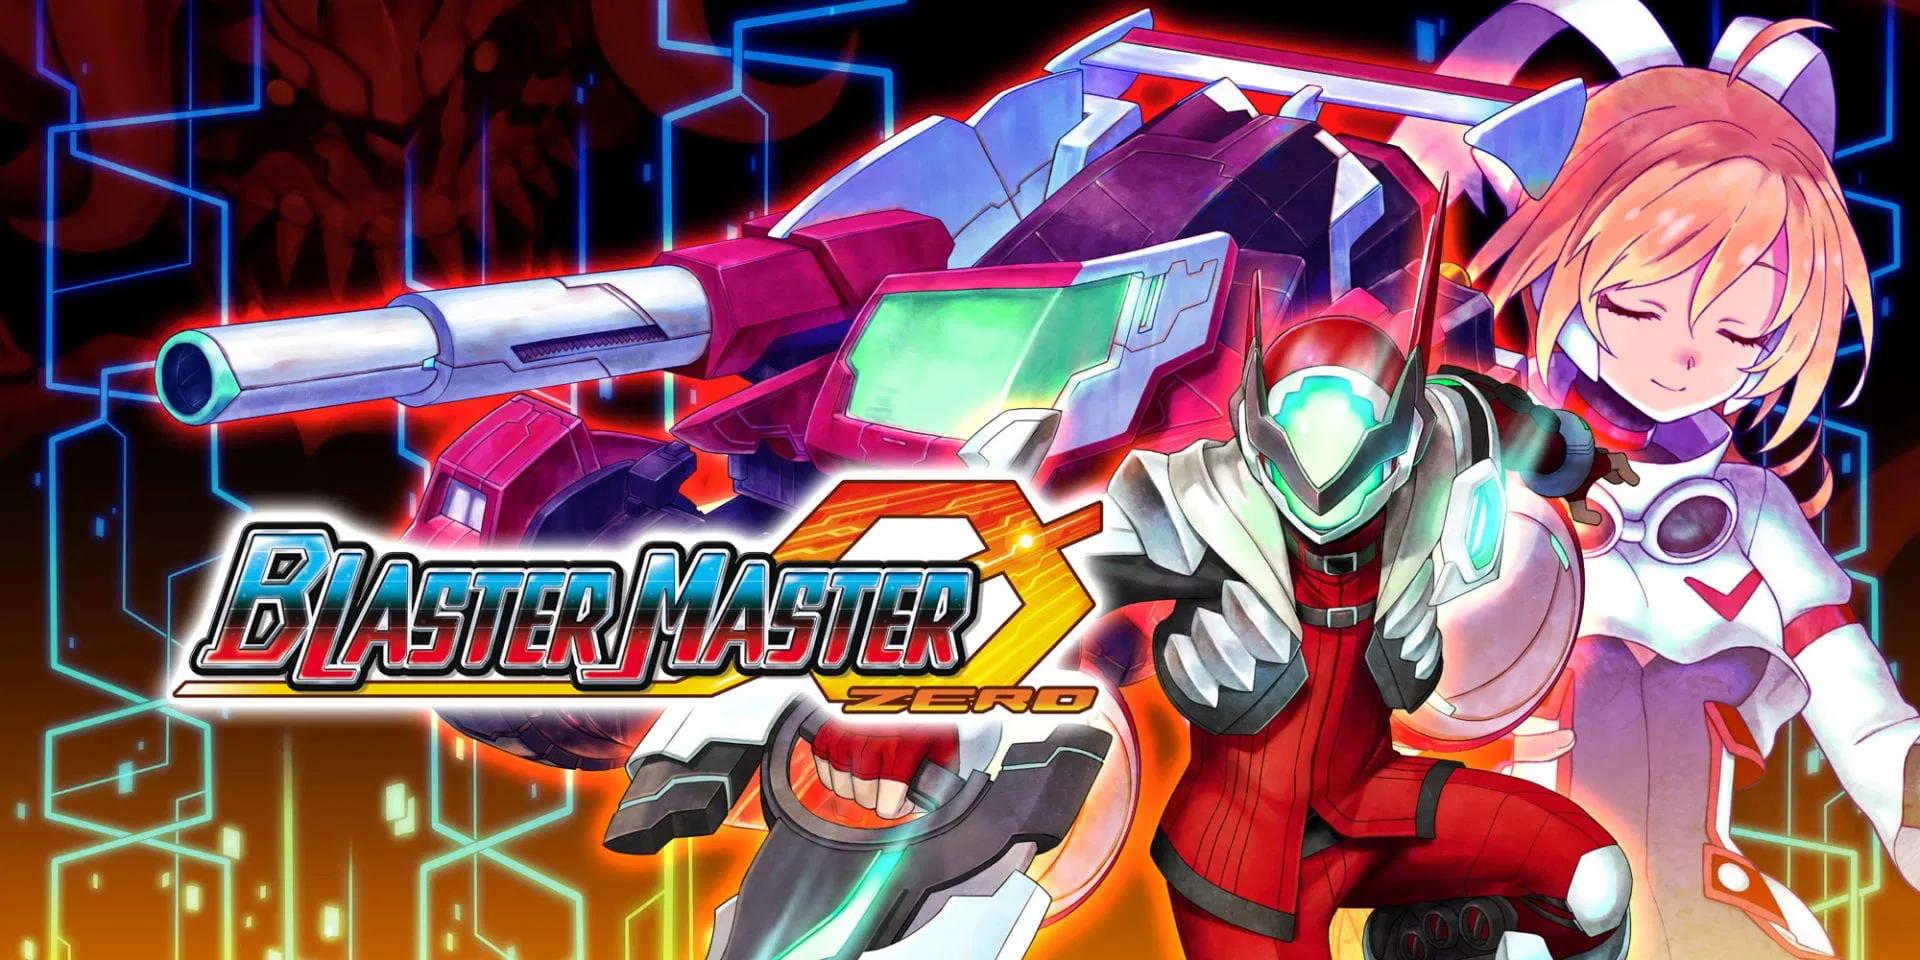 Анонс Blaster Master Zero и Zero 2 для PS4